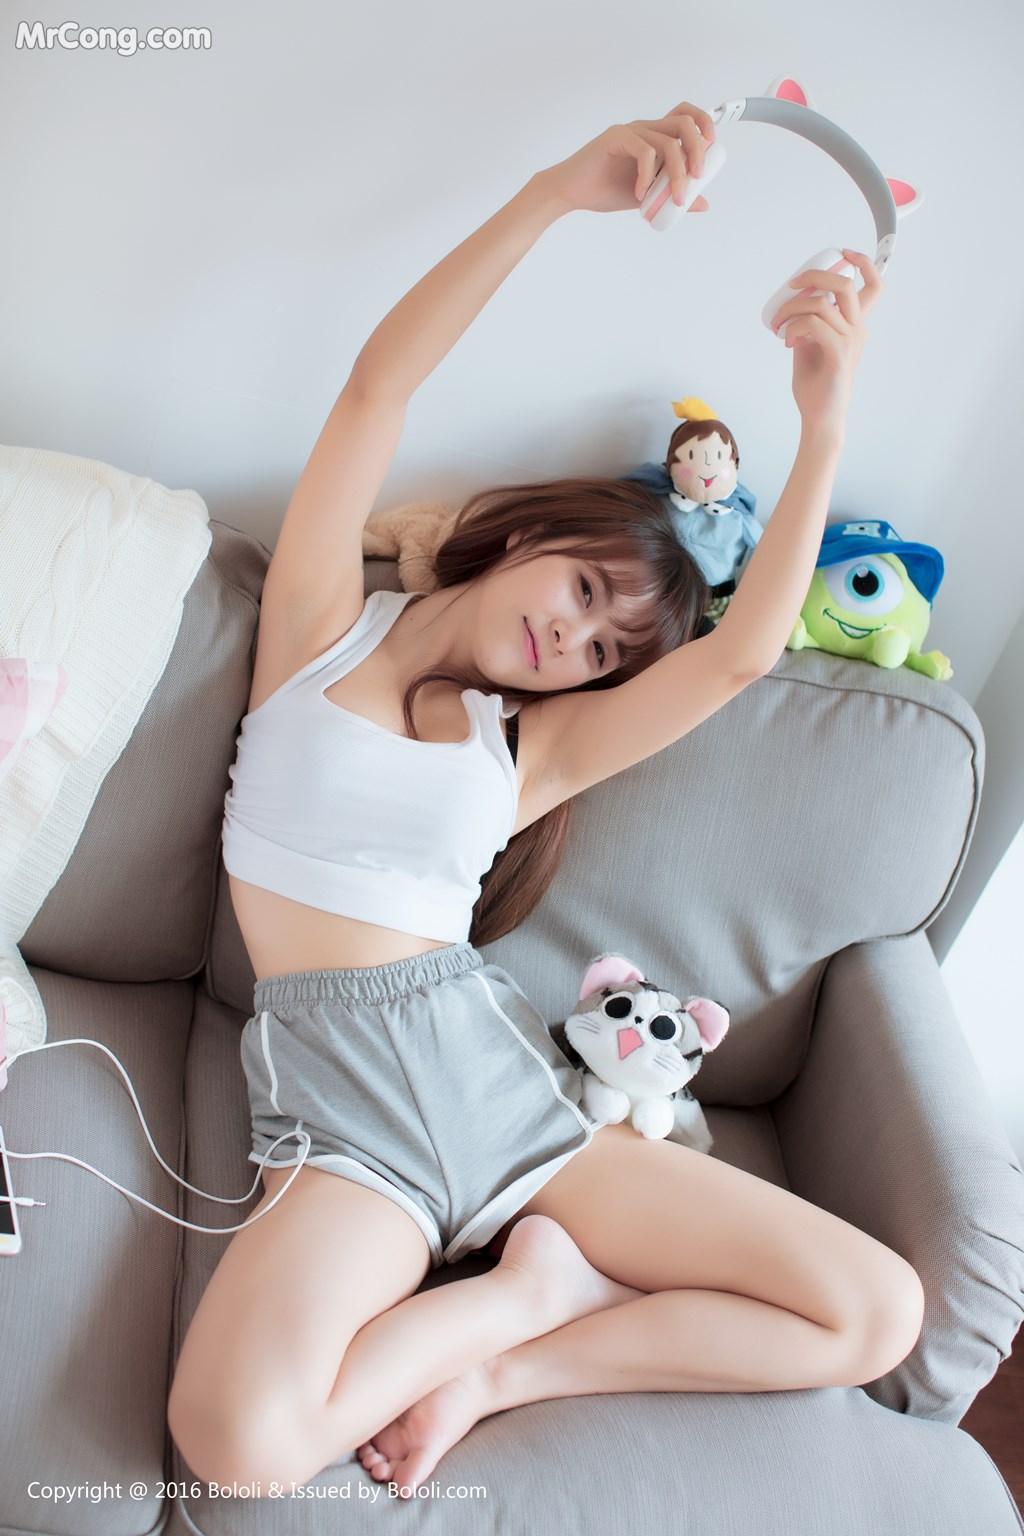 Image Bololi-2018-02-13-Vol.135-Xia-Mei-Jiang-MrCong.com-004 in post Bololi 2018-02-13 Vol.135: Người mẫu Xia Mei Jiang (夏美酱) (26 ảnh)